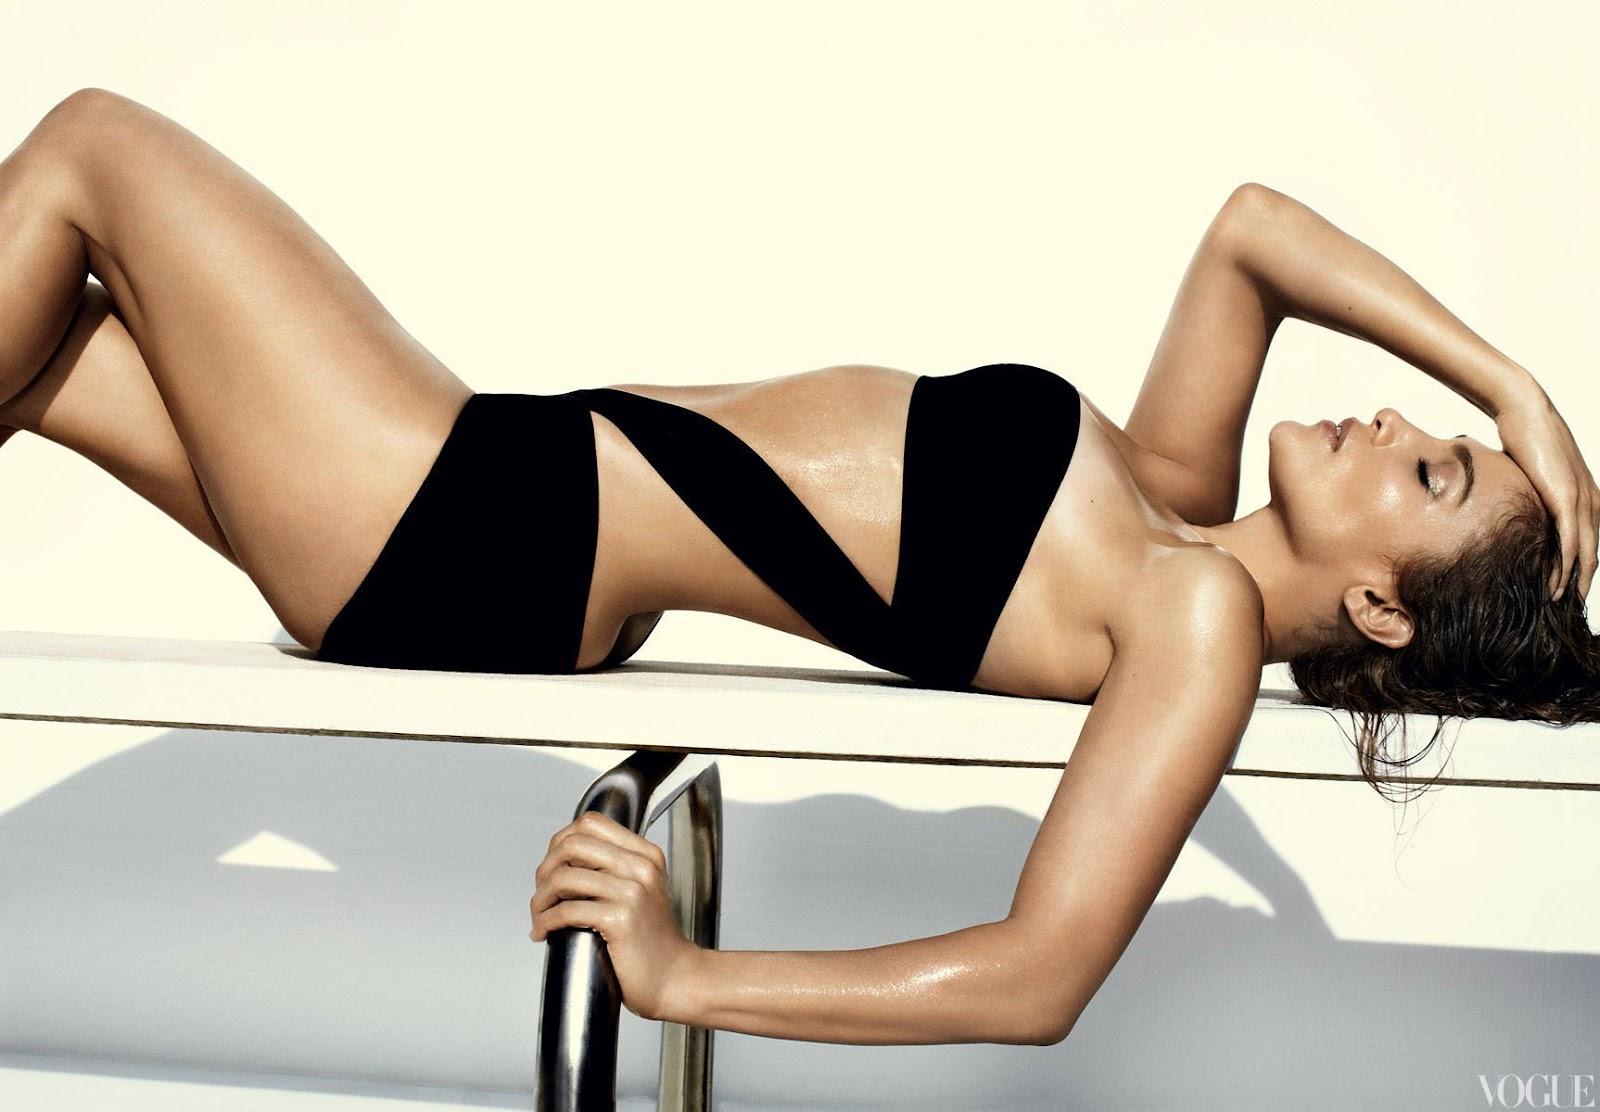 http://1.bp.blogspot.com/-x-dX1LMQbtI/T7UU7Y-p7HI/AAAAAAAAQ1s/NnpO33beTys/s1600/Jennifer-Lopez-51.jpg